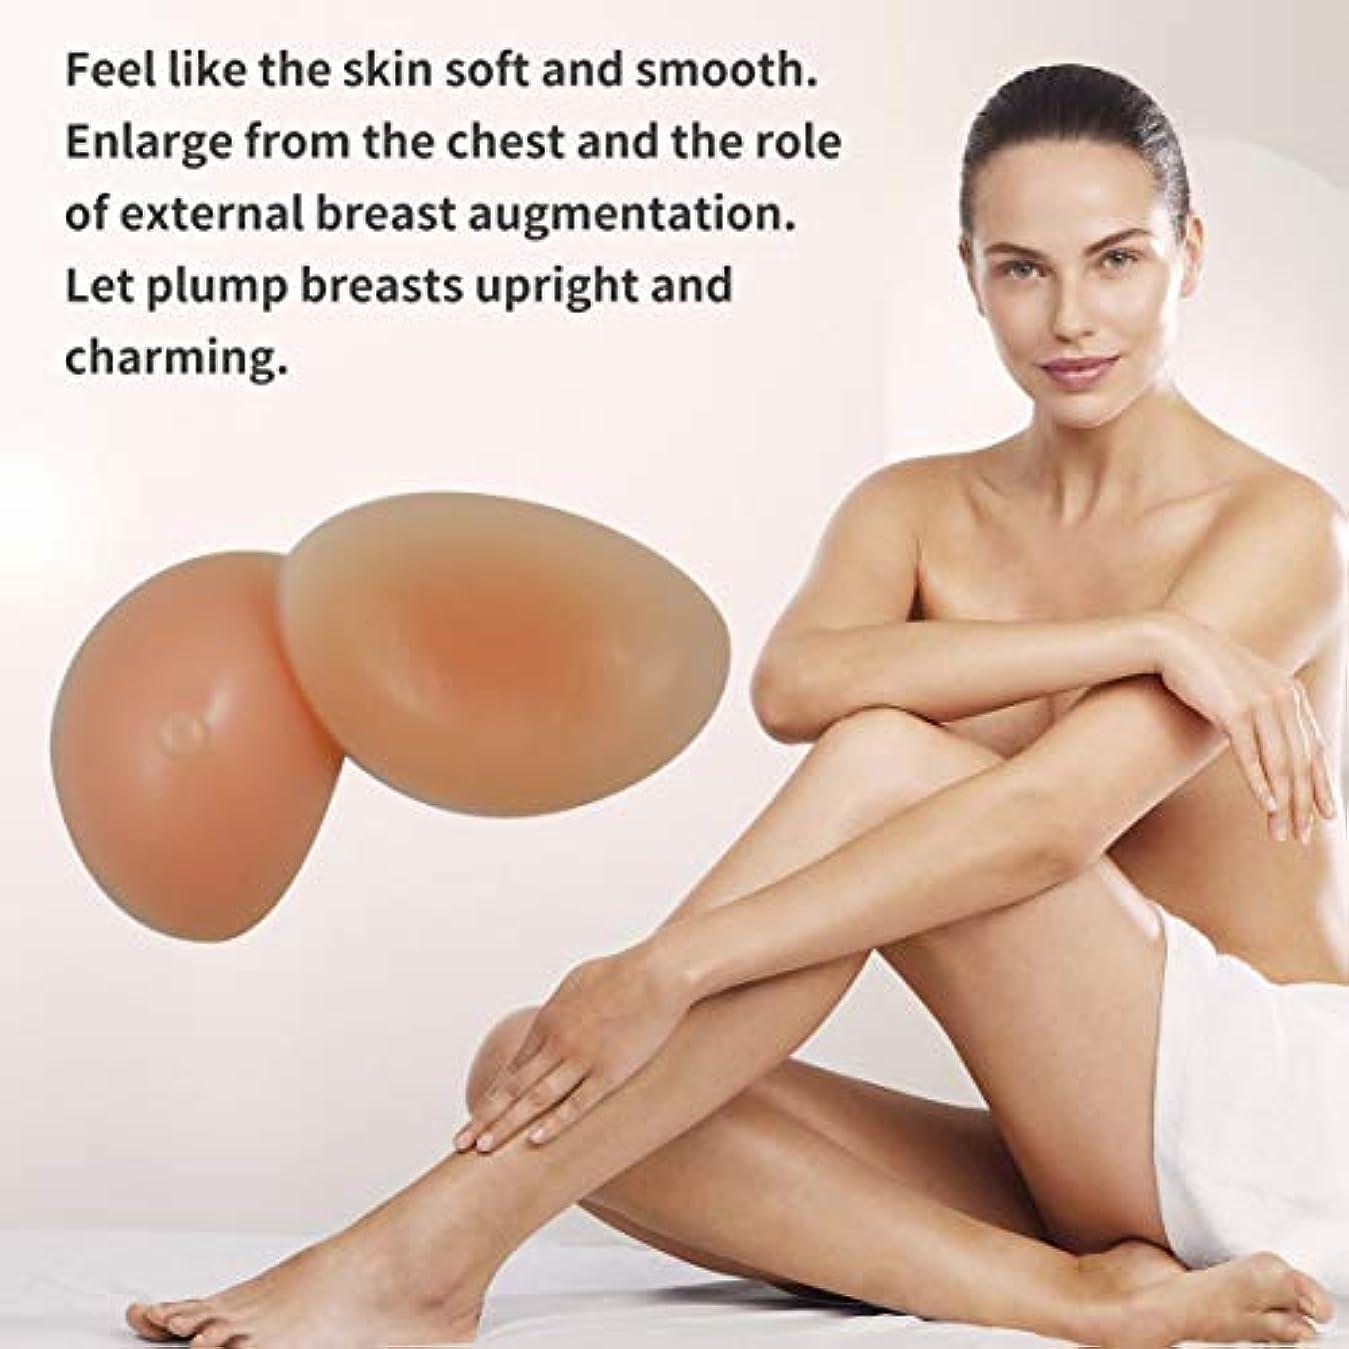 ひそかにフィット選択するシリコーンフォーム偽乳房エンハンサープッシュアップパッドブースターブラインサート人工乳房リアルな防水シリコーン乳房フォーム(肌色)